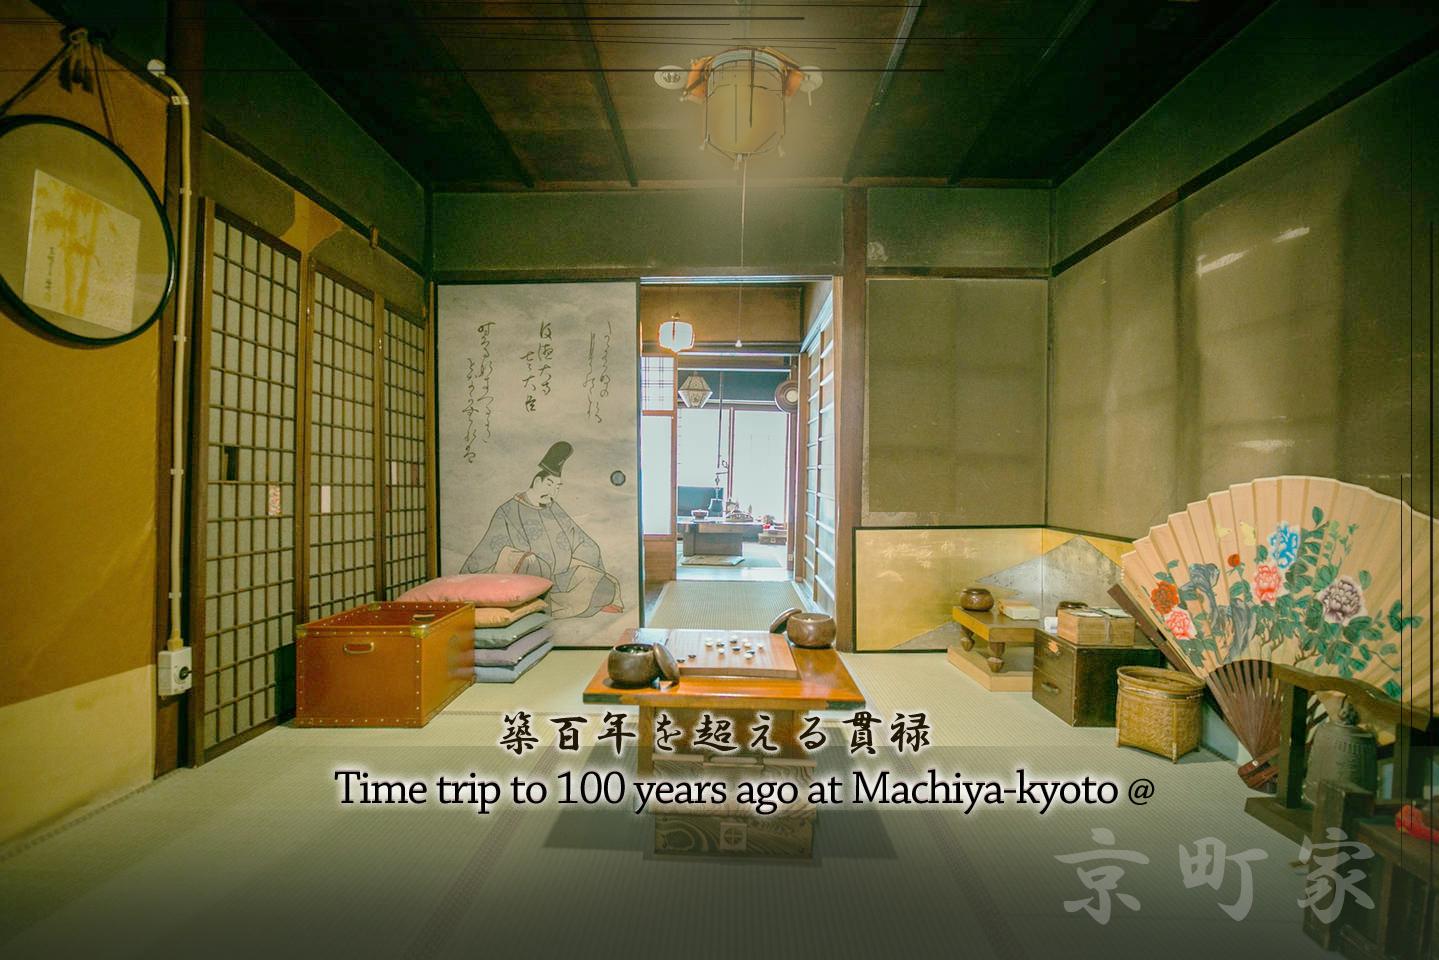 西院・築100年 京都の伝統を残す町屋を貸切 撮影・貸切パーティ・会議や研修に のカバー写真